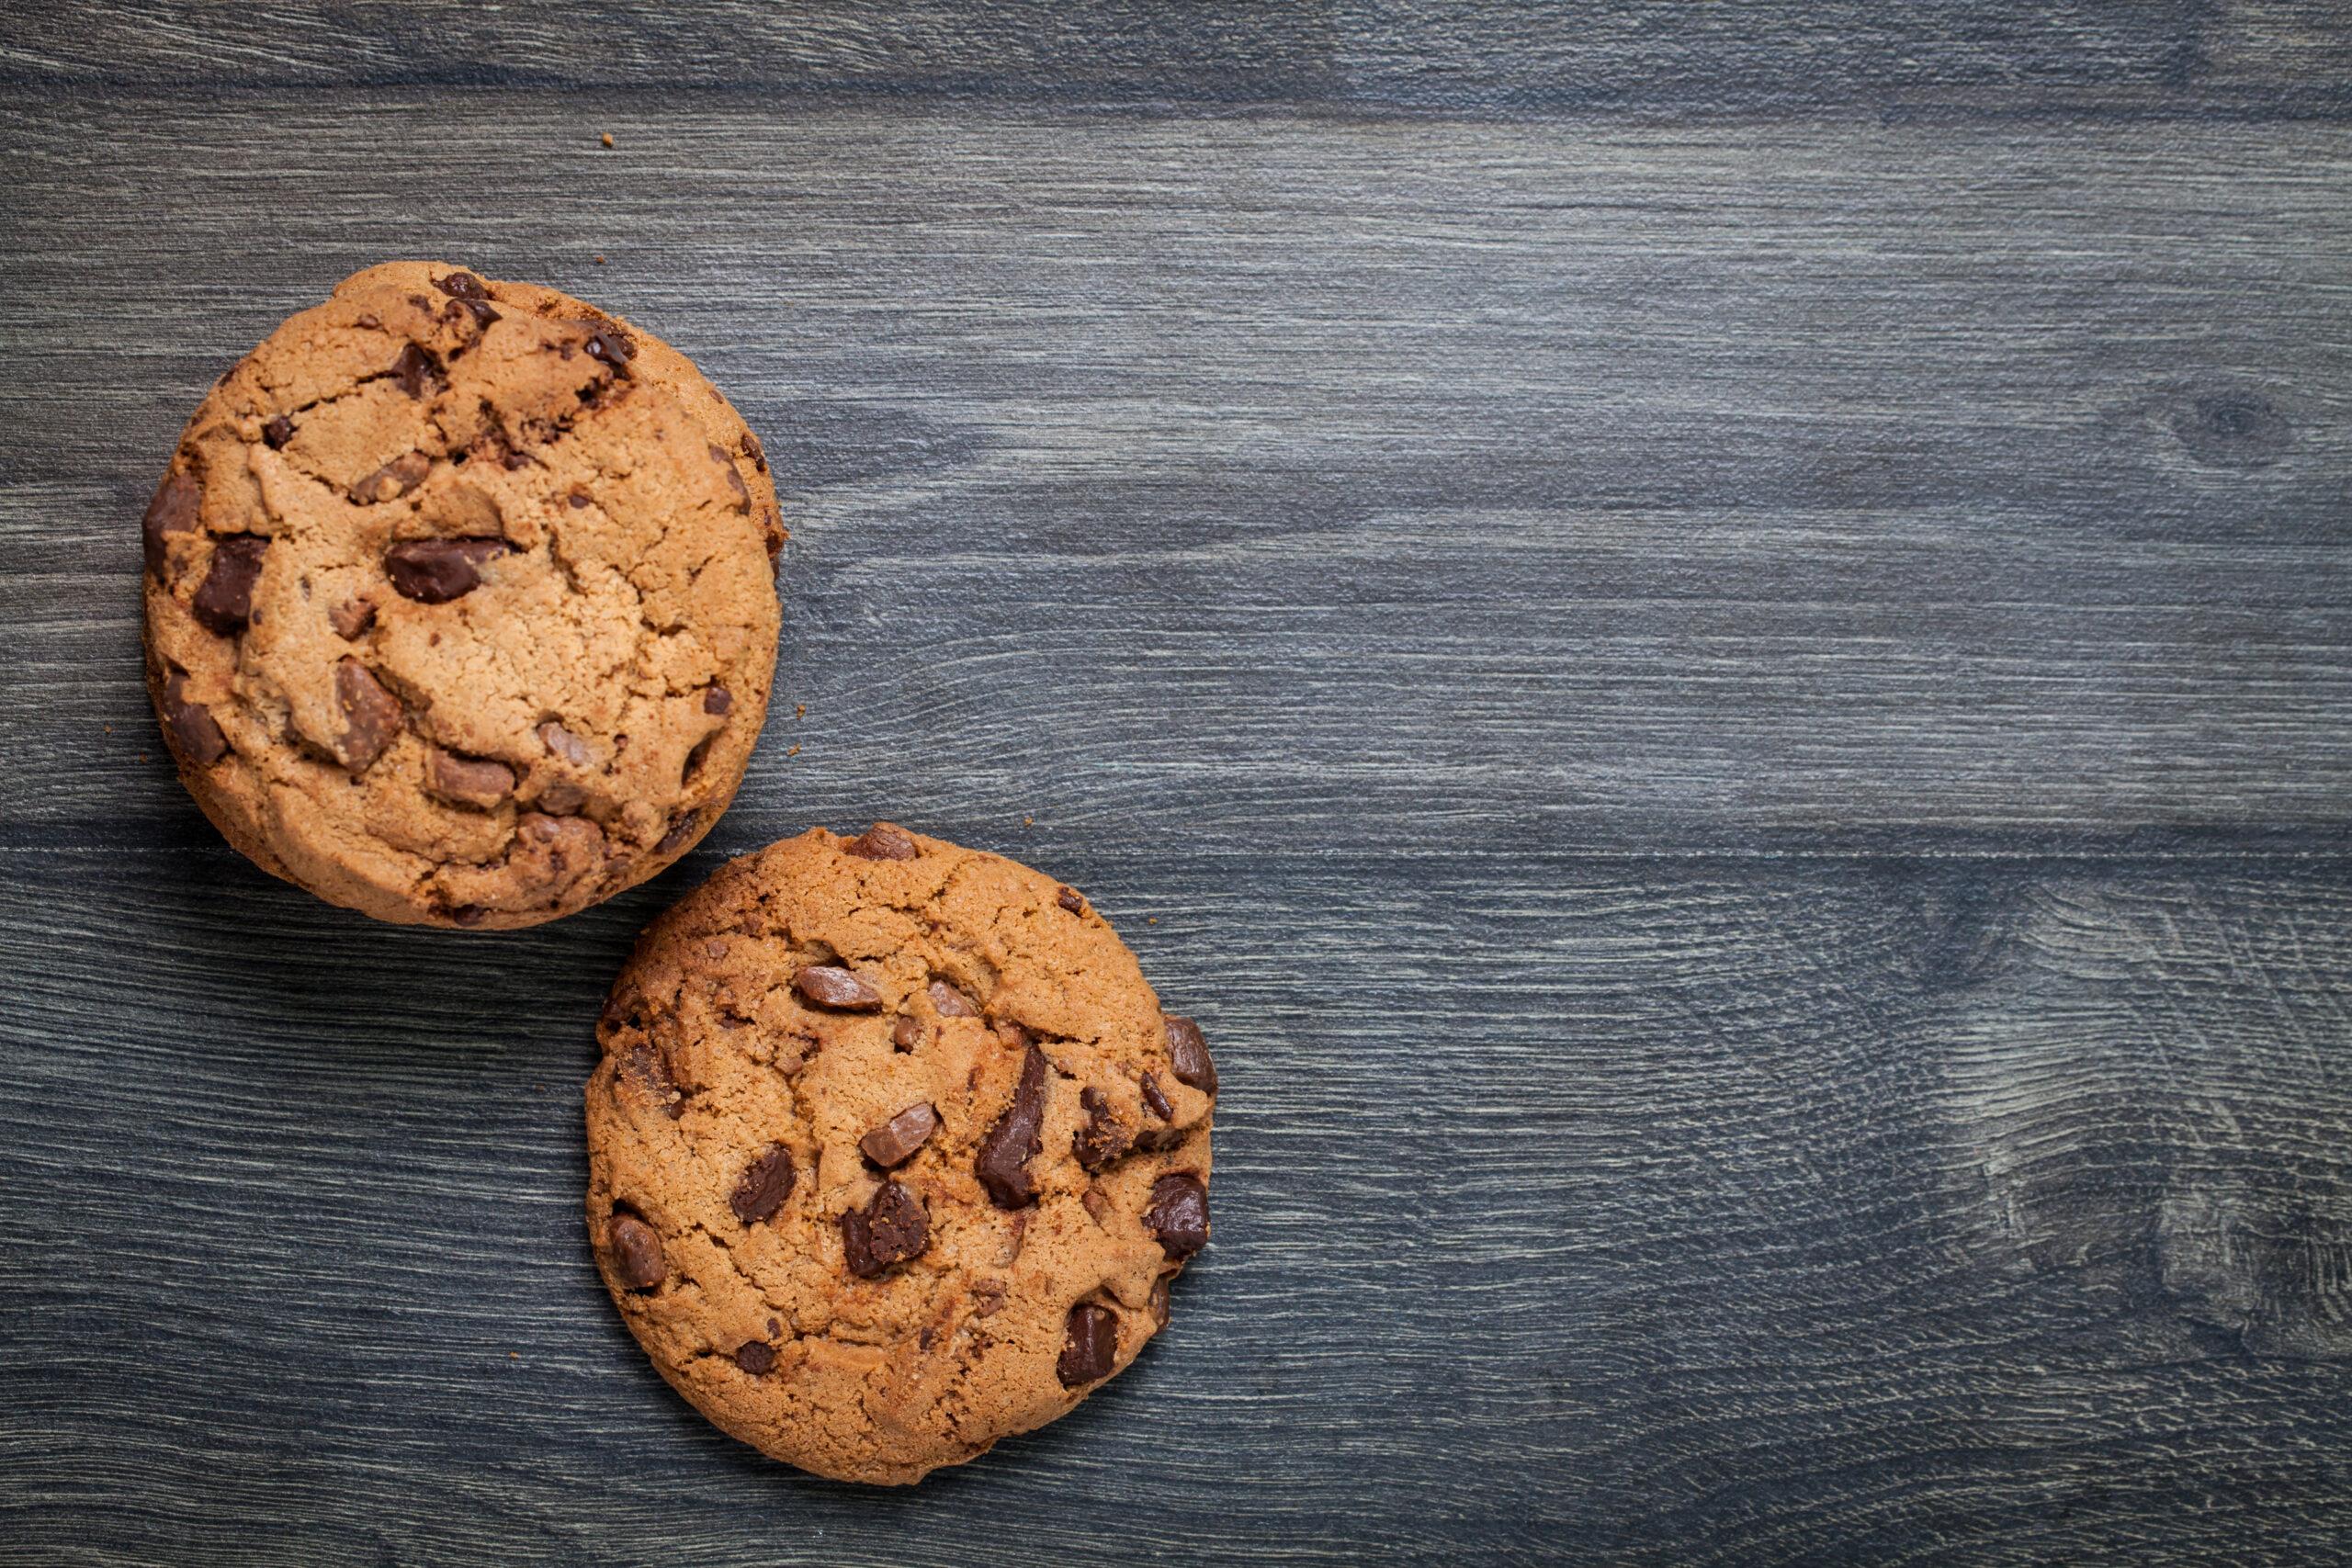 クッキーの100kcal分の量は?